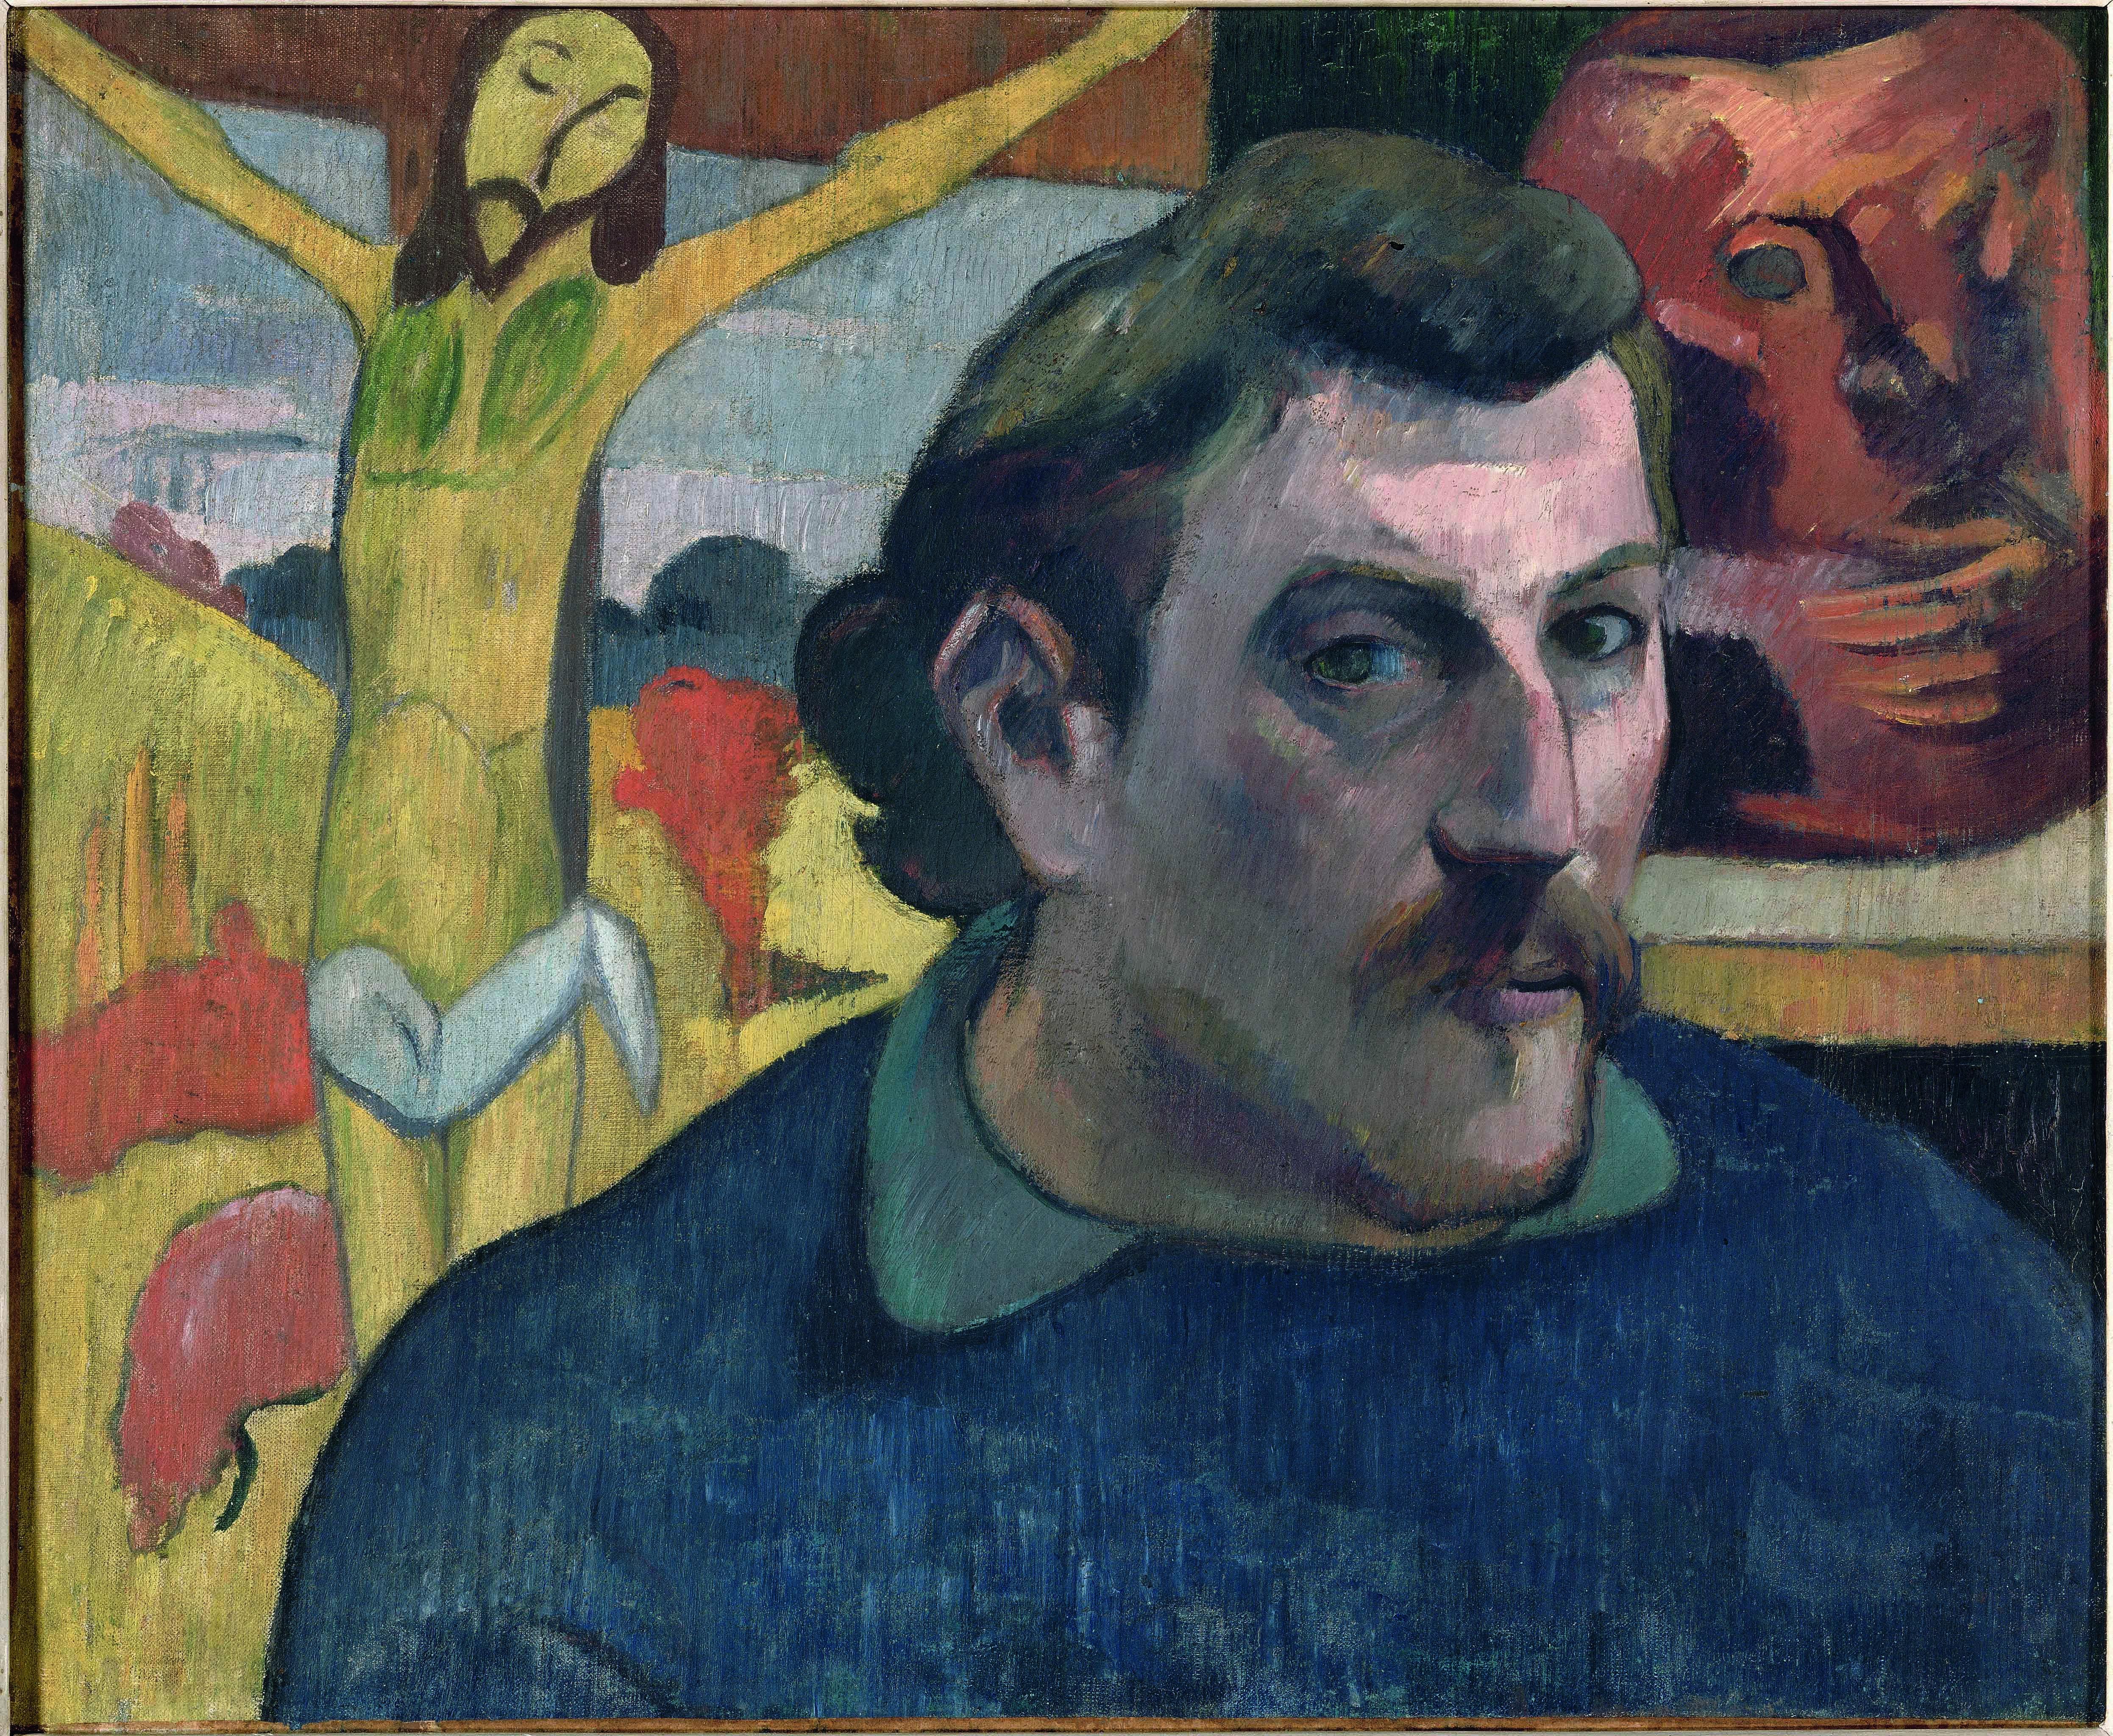 Paul Gauguin Autoritratto con Cristo giallo, 1890‐91 Olio su tela, cm 38 × 46 © RMN‐Grand Palais (musée d'Orsay)/René‐Gabriel Ojéda‐Réunion des Musées Nationaux/distr. Alinari